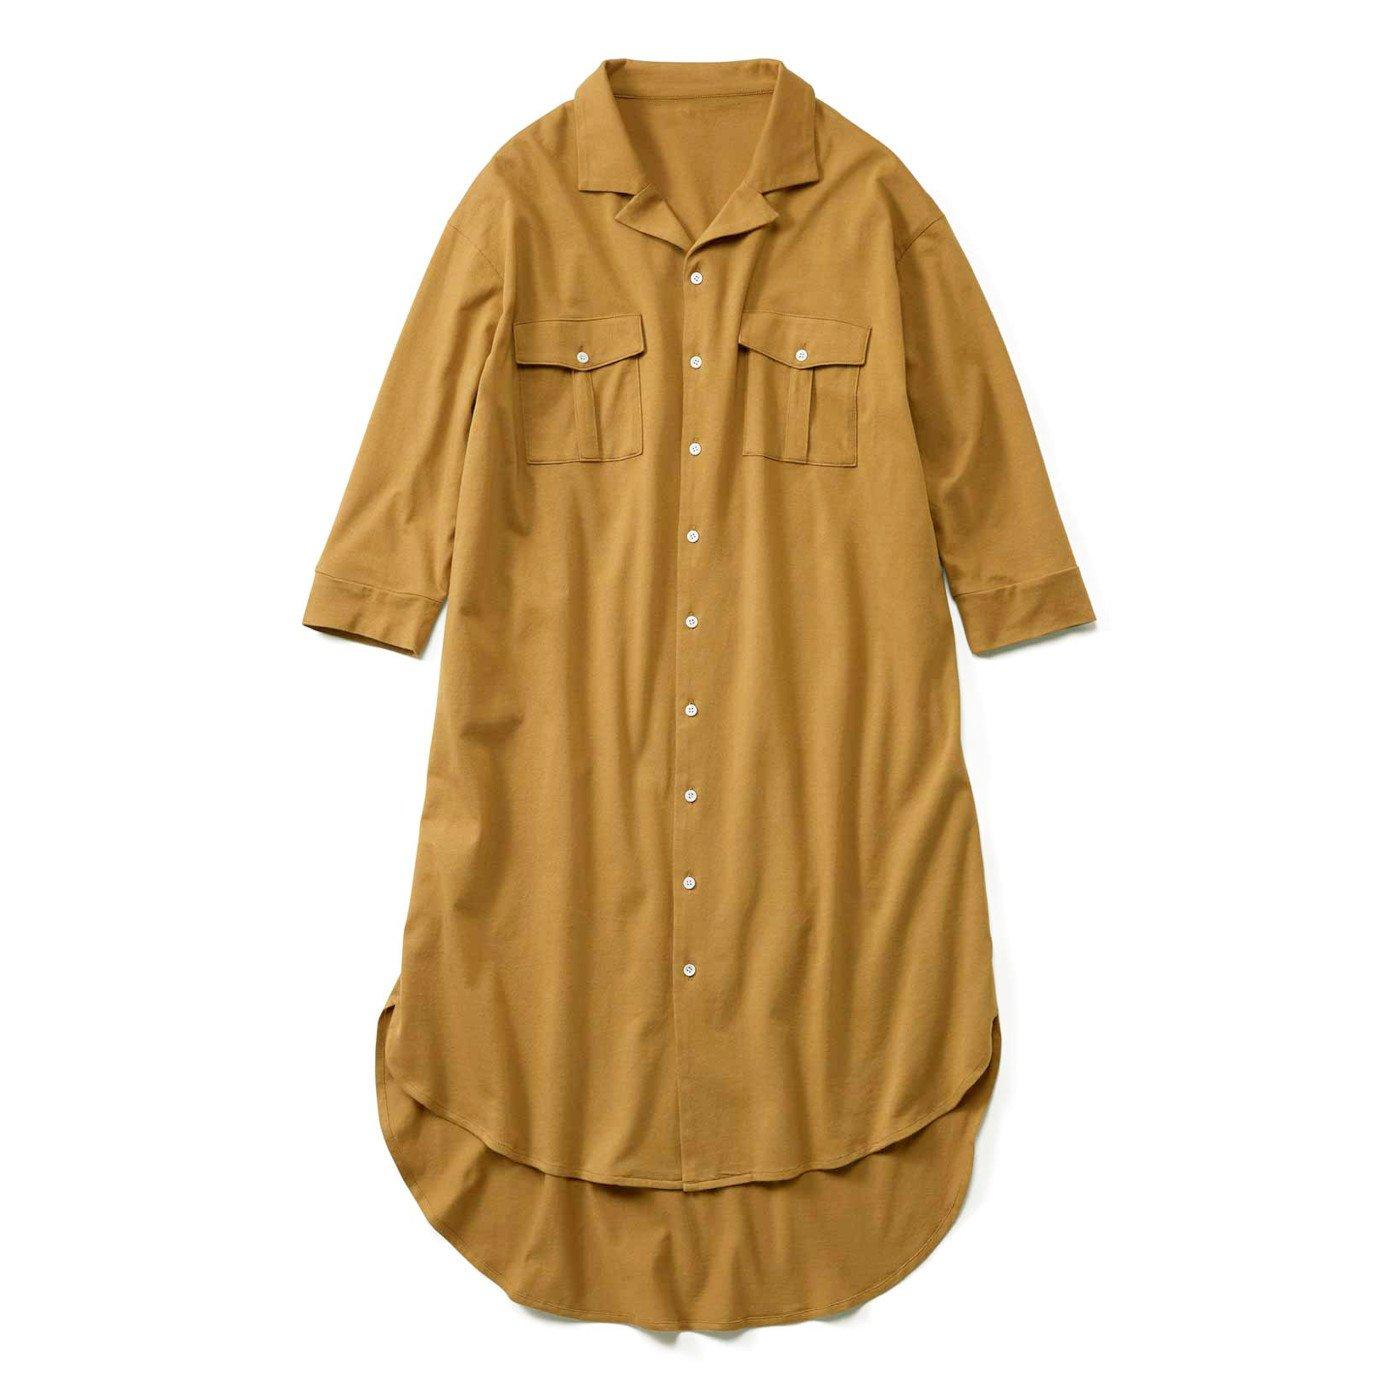 【3~10日でお届け】リブ イン コンフォート カットソー素材でらくちん! 着るだけでスタイル決まるシャツワンピース〈マスタード〉